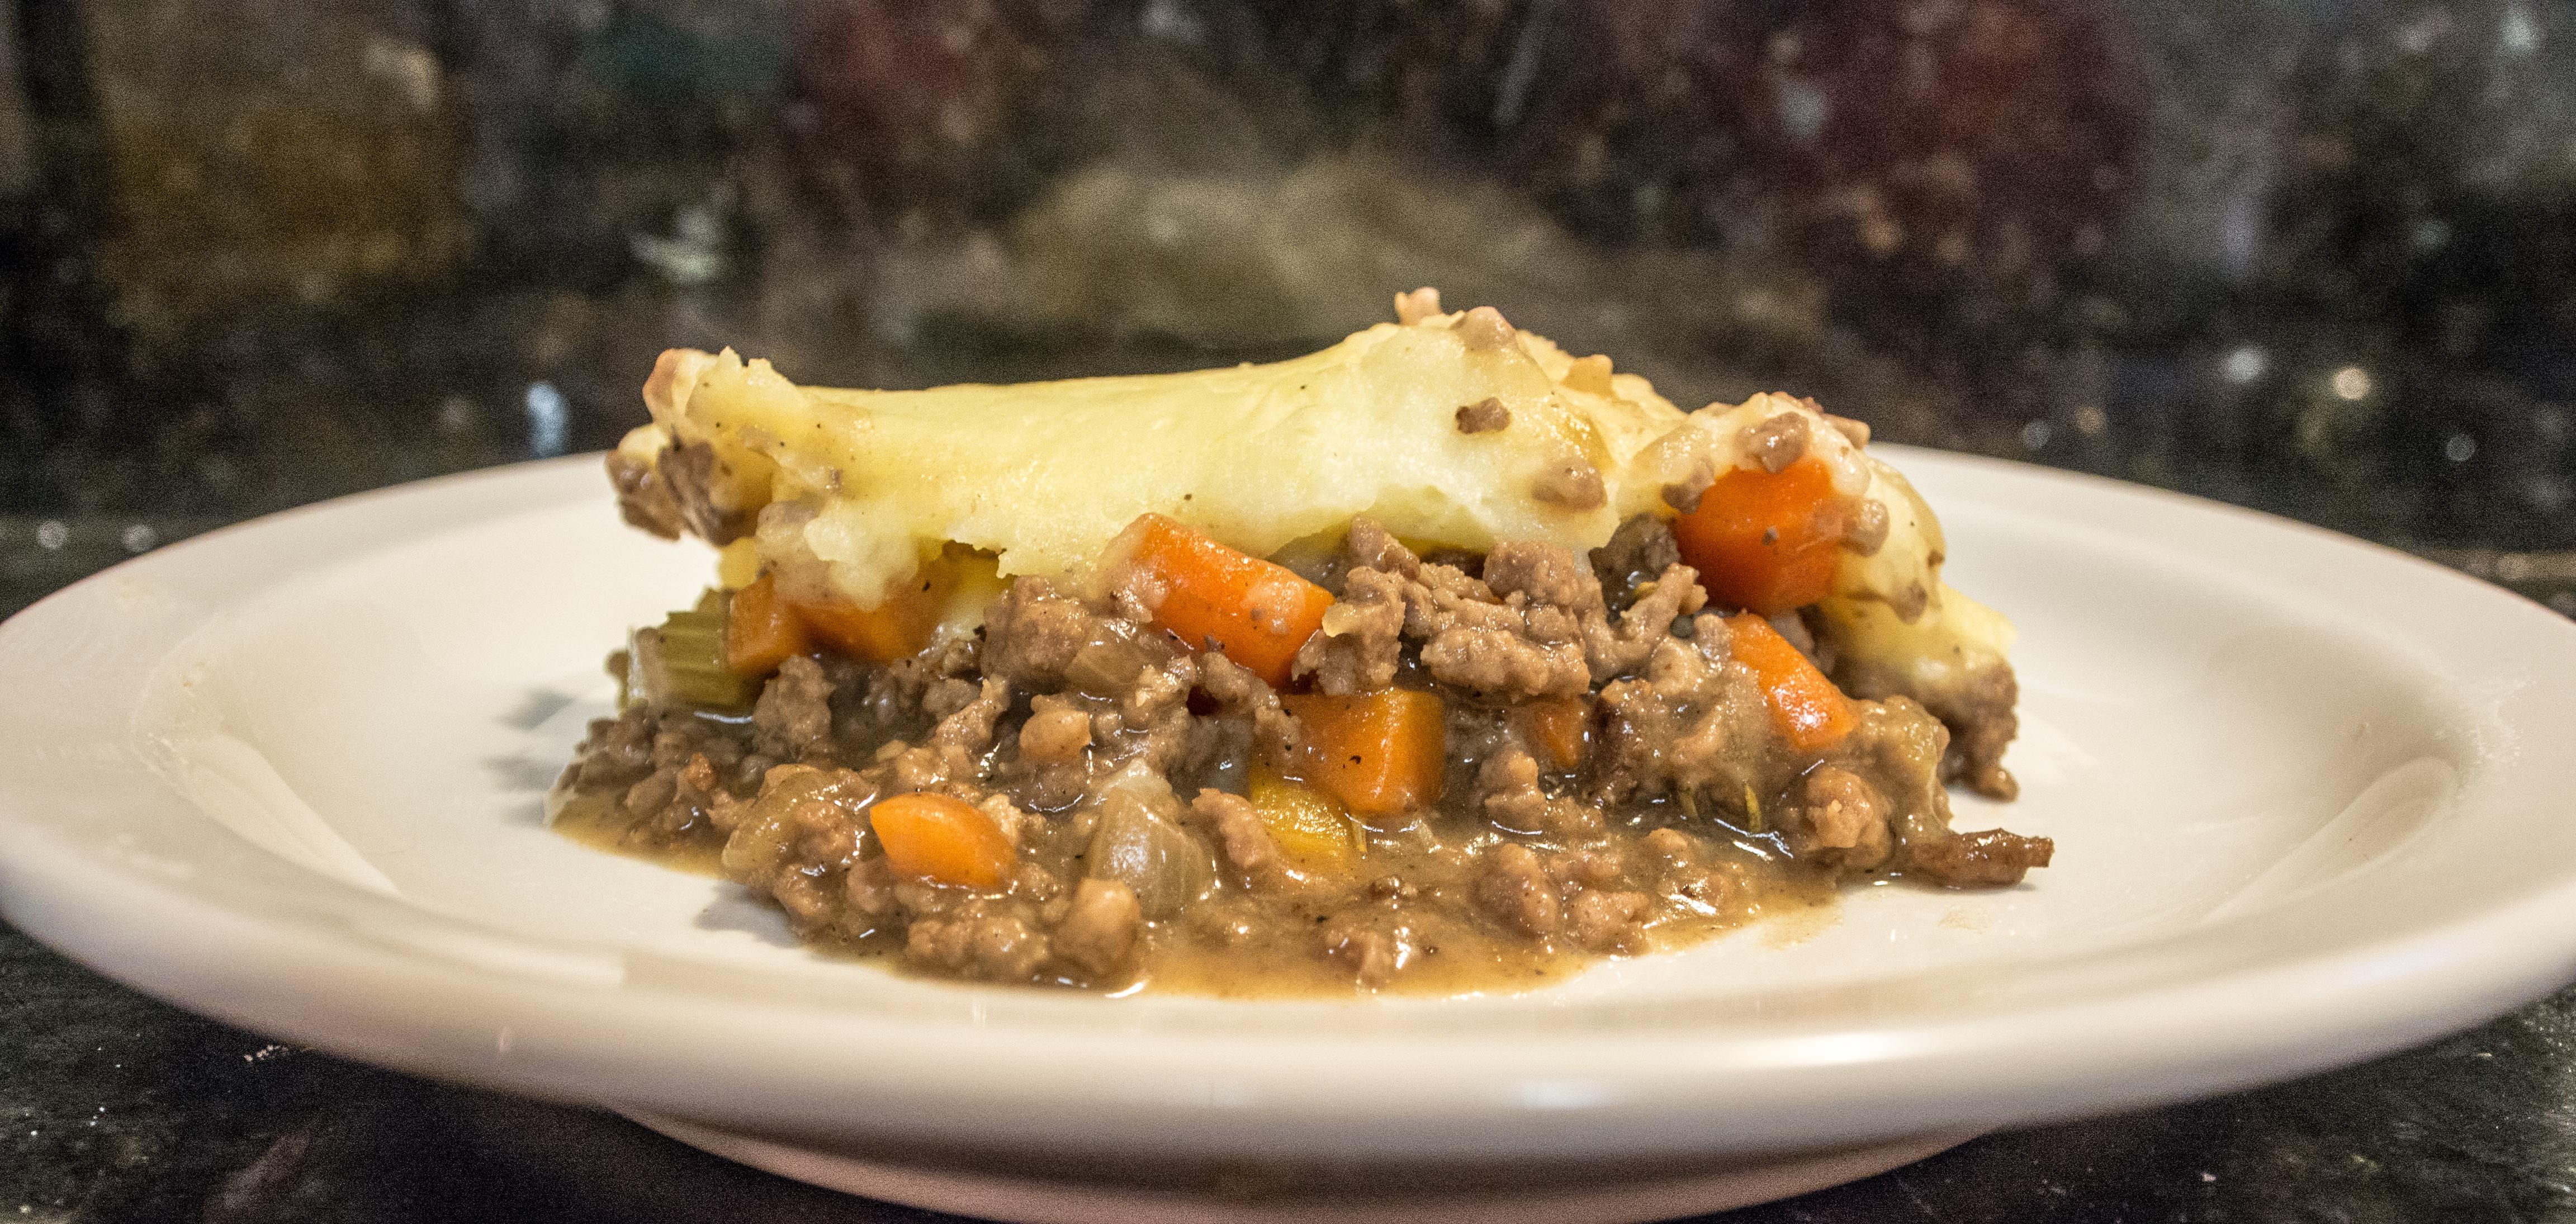 My Shepherd S Pie Disaster Dawn Of Food